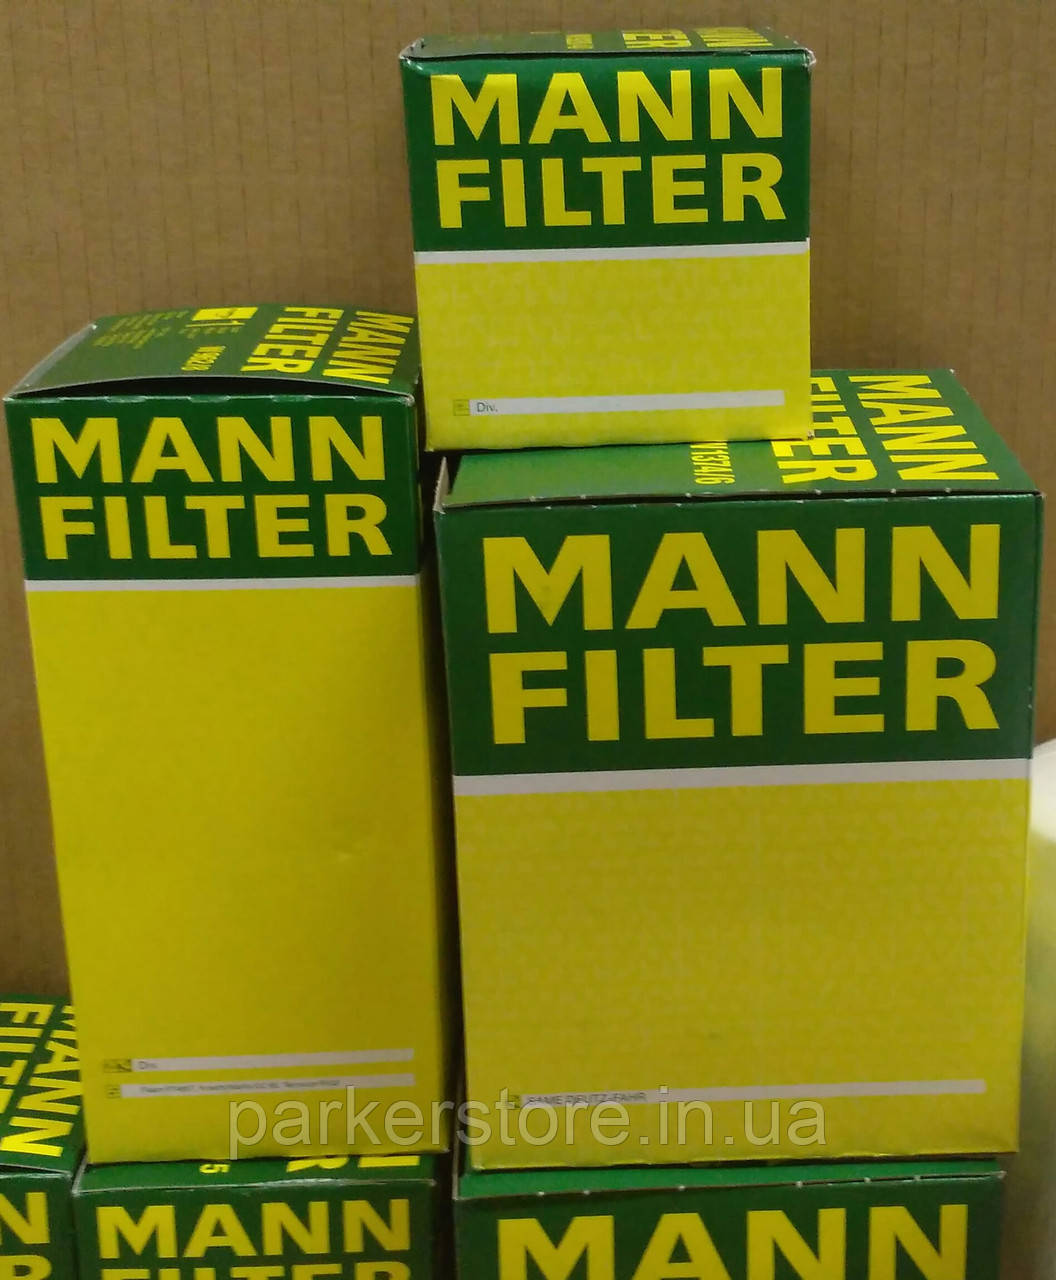 MANN FILTER / Воздушный фильтр / C 24 985 / C24985